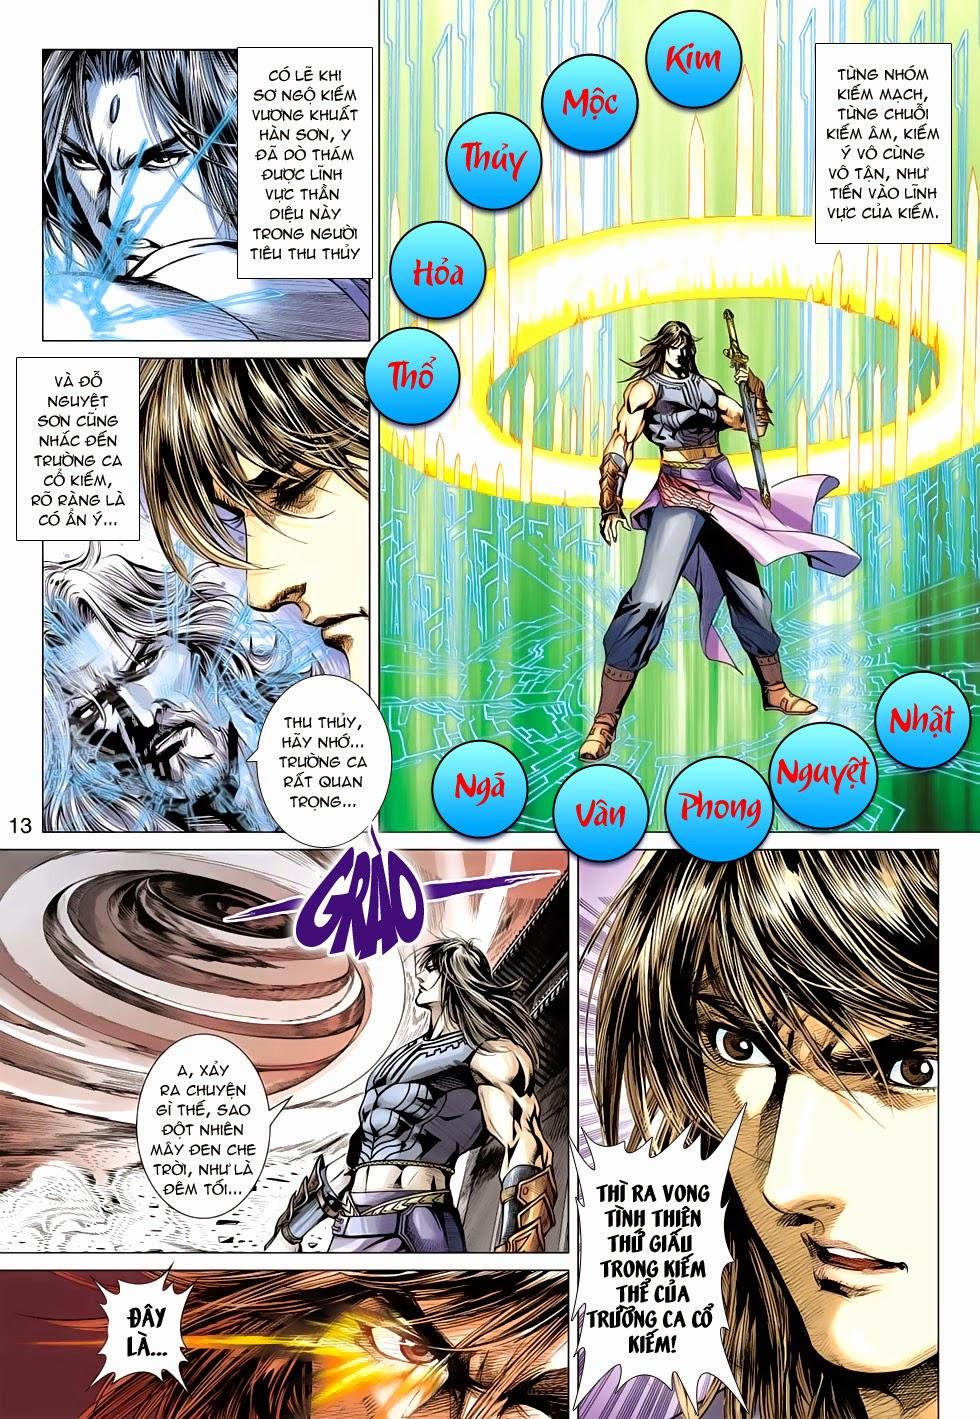 Thần Châu Kỳ Hiệp chap 32 – End Trang 13 - Mangak.info